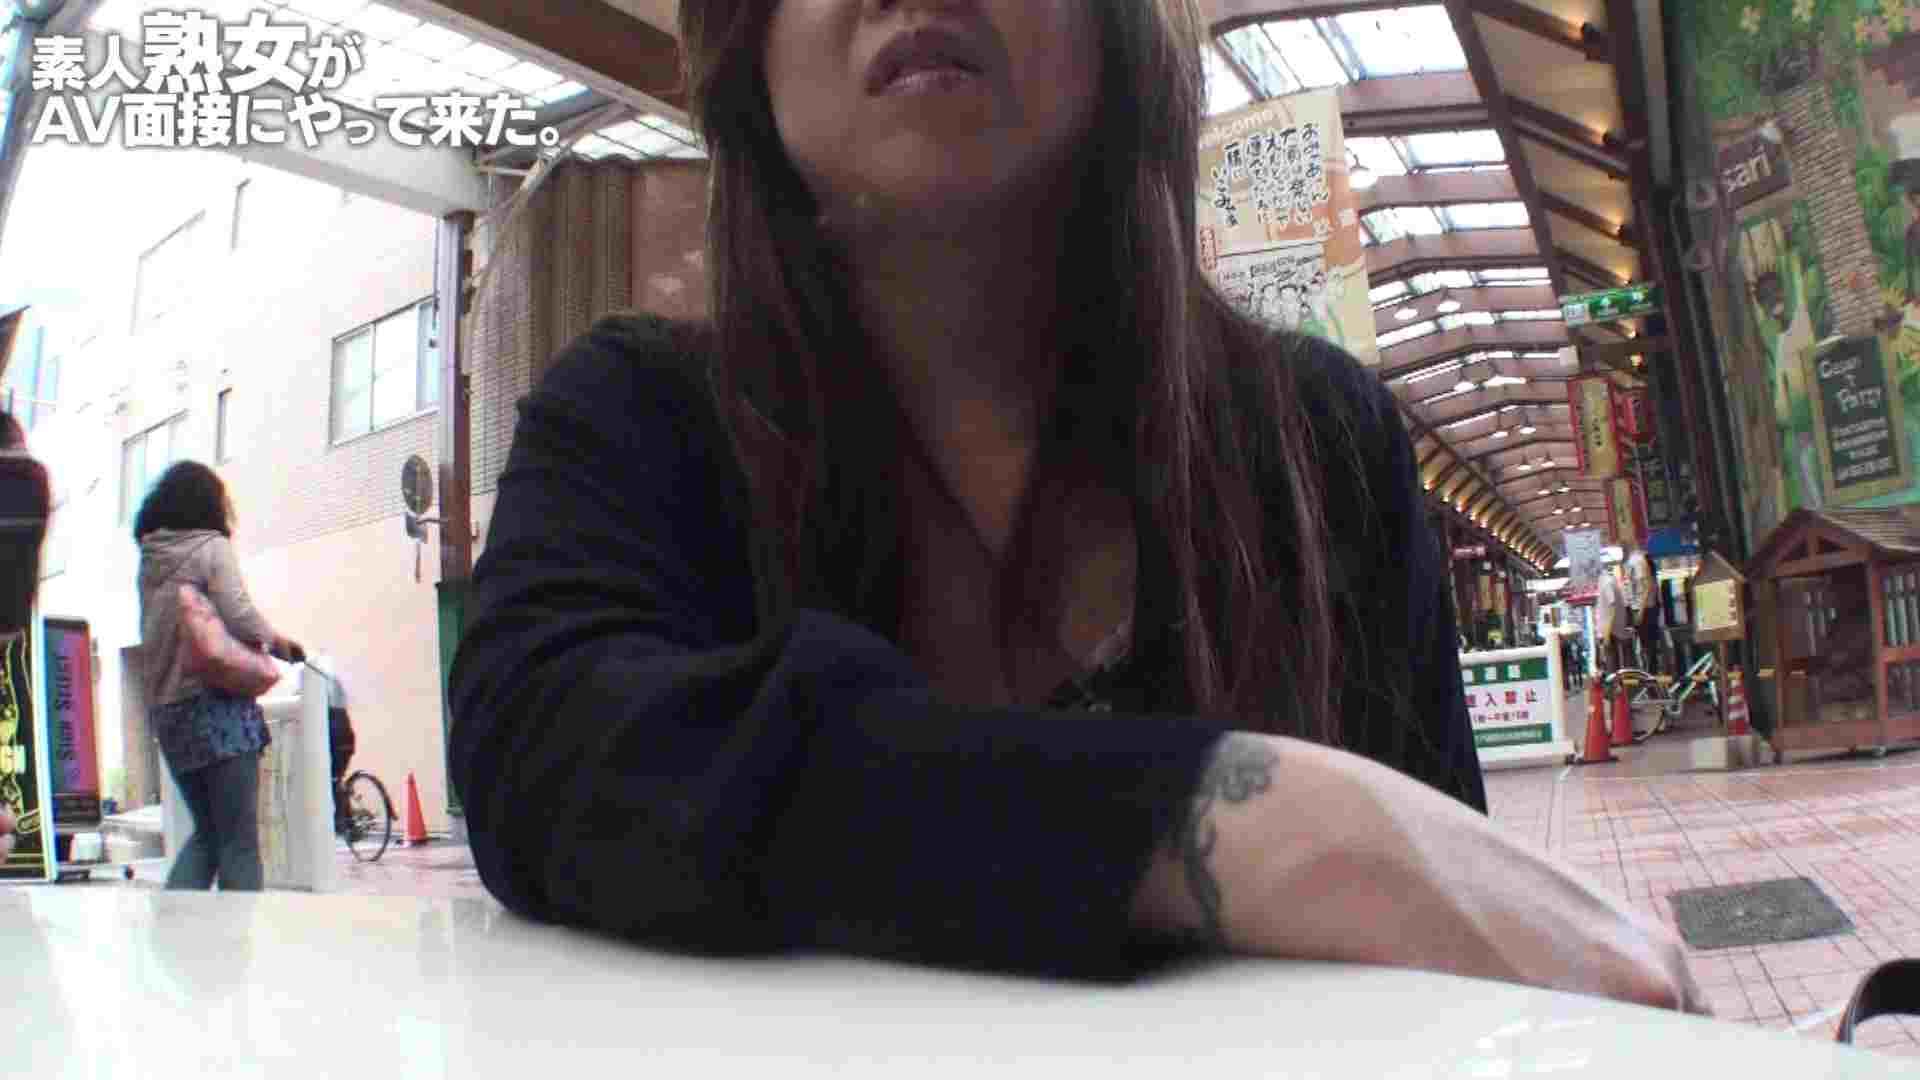 素人熟女がAV面接にやってきた (仮名)ゆかさんVOL.01 セックス映像 オメコ無修正動画無料 57pic 44